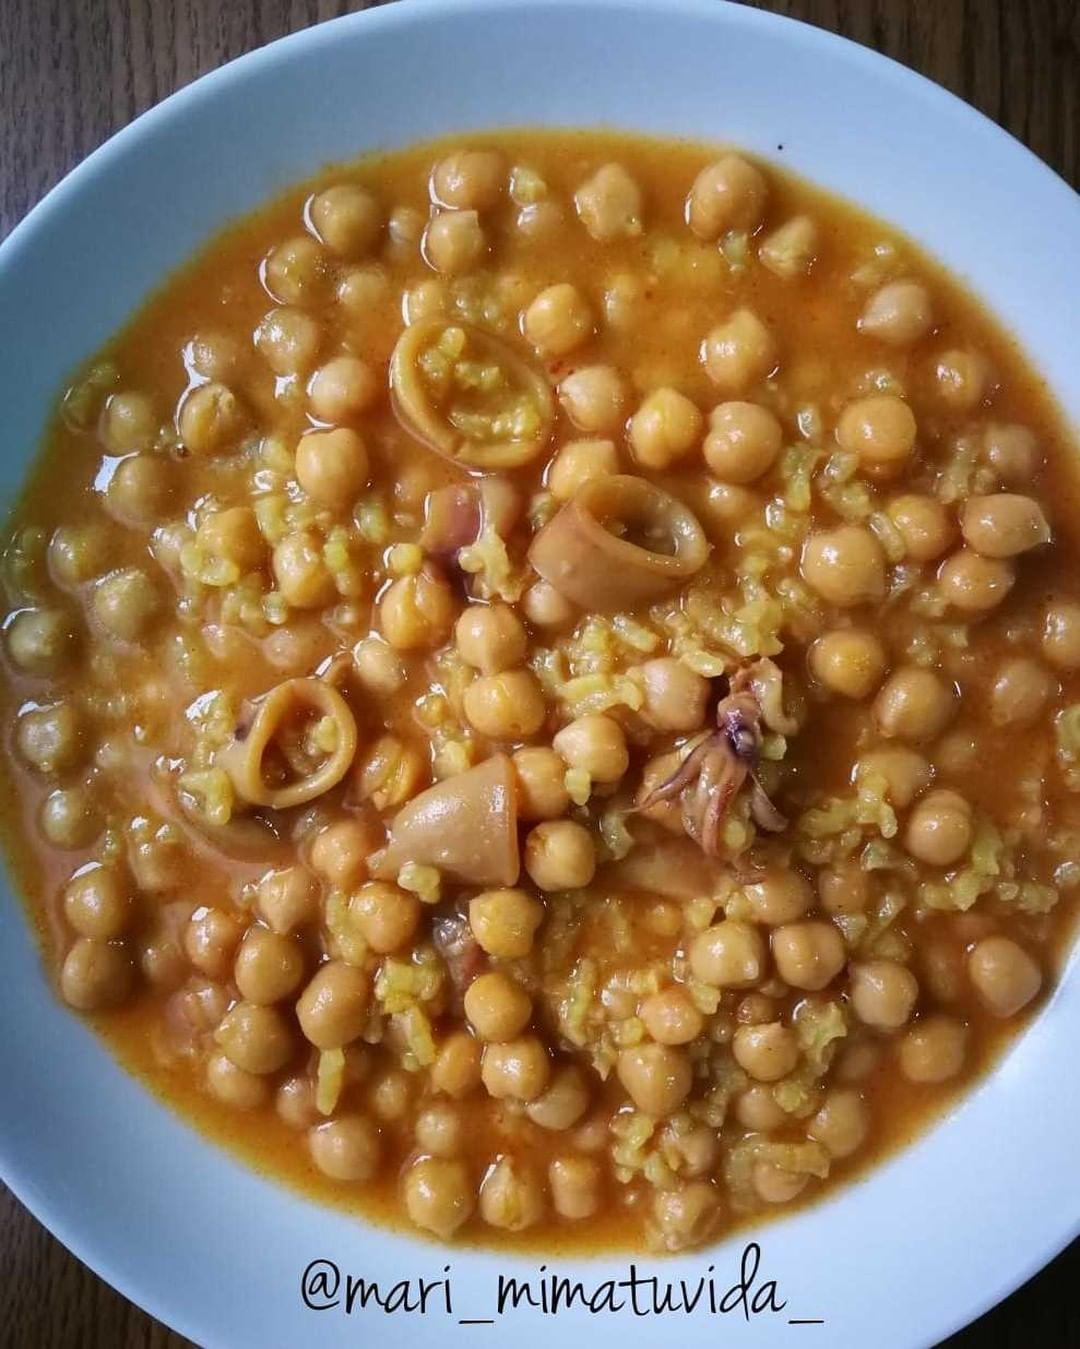 Realfooding On Instagram Guiso De Garbanzos Ingredientes Un Bote De Garbanzos Cocidos Chipirones Troceados Un Puñad Garbanzos Guisos Comida